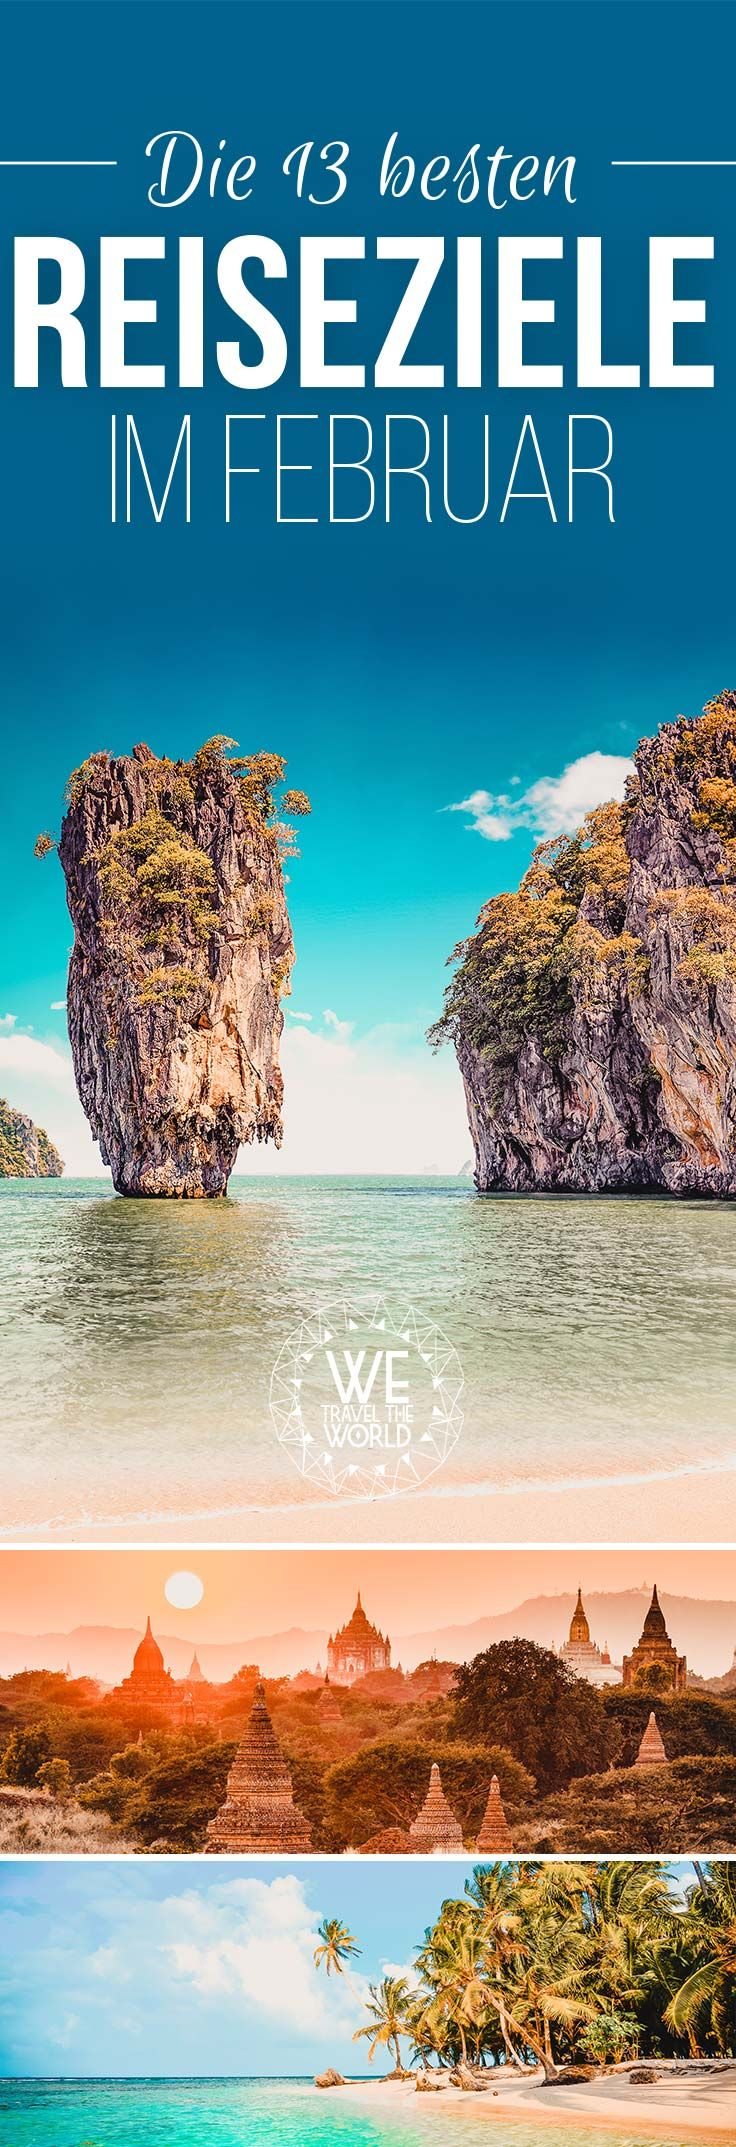 Die schönsten Reiseziele im Winter. Wir haben dir 13 Reisetipps für deinen Urlaub im Februar zusammen gestellt. #urlaub #reiseziele #reiseinspiration